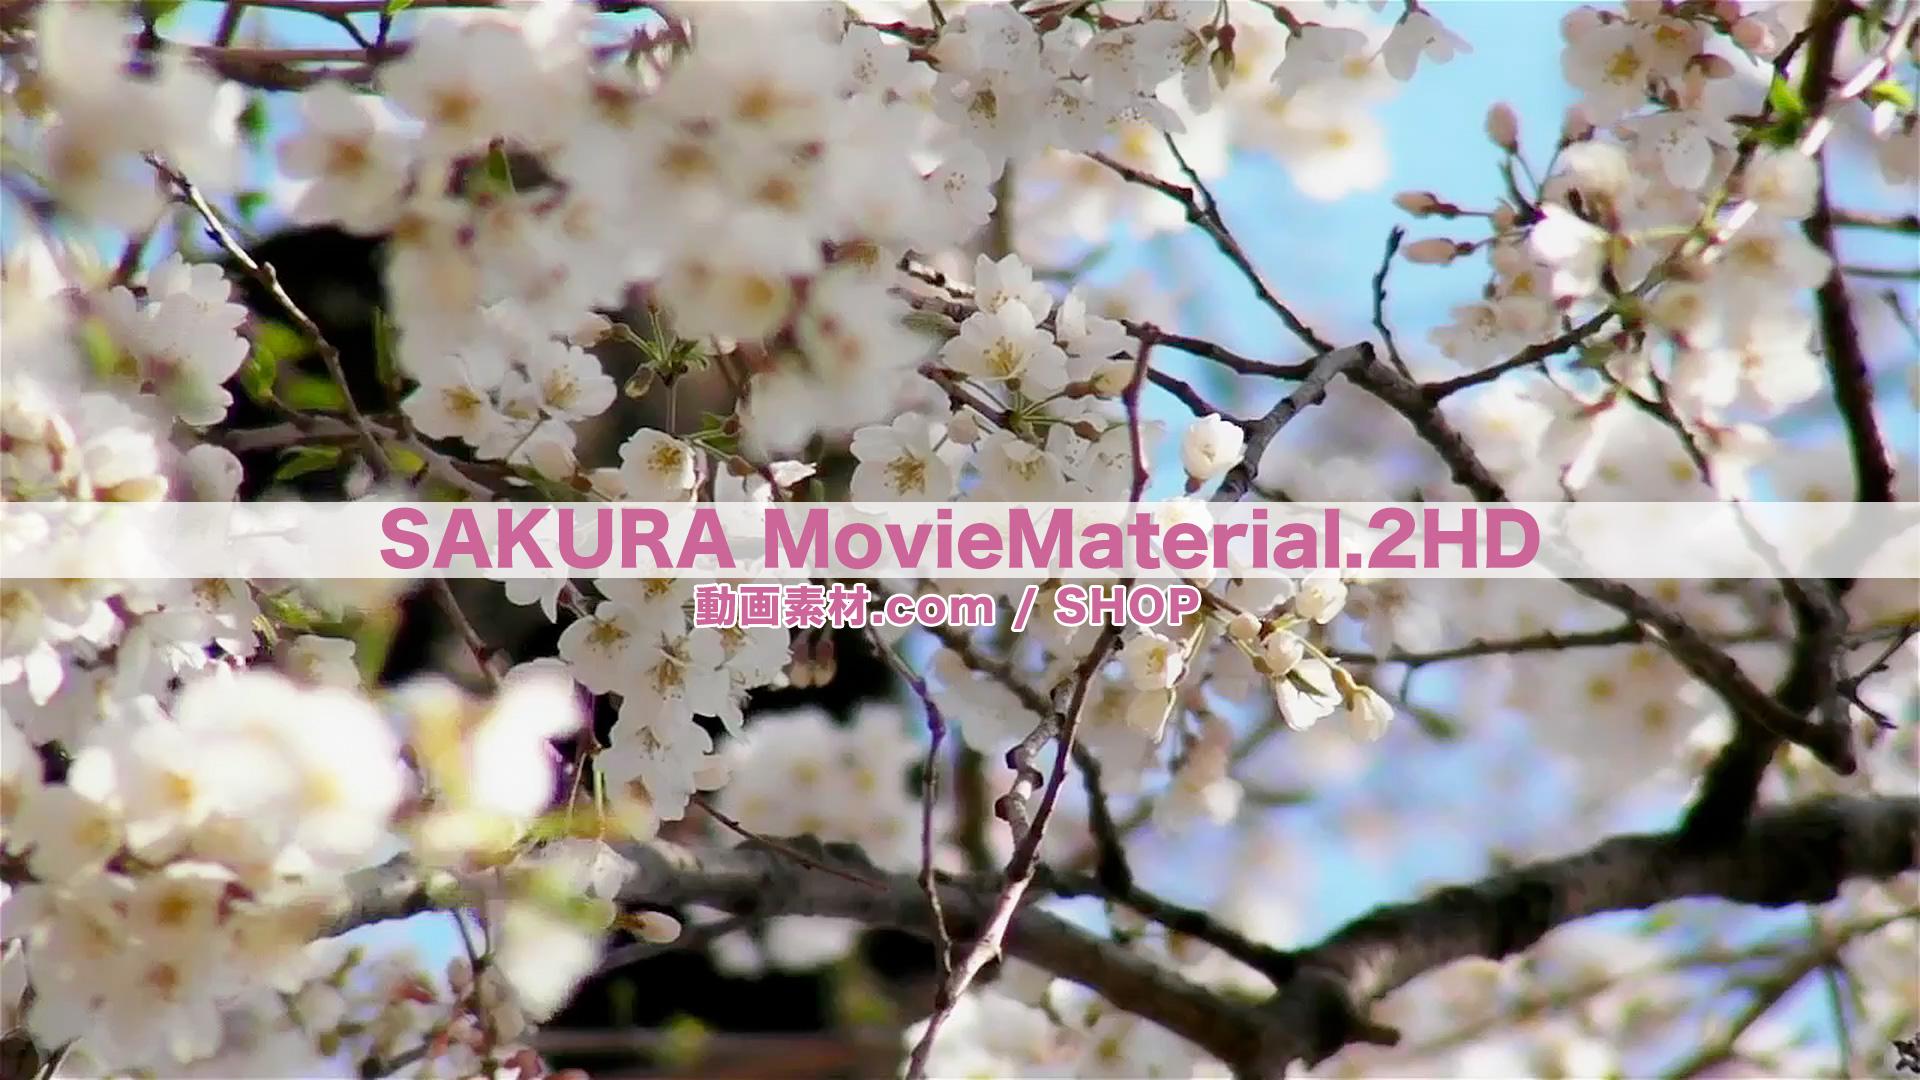 SAKURA2HD_4